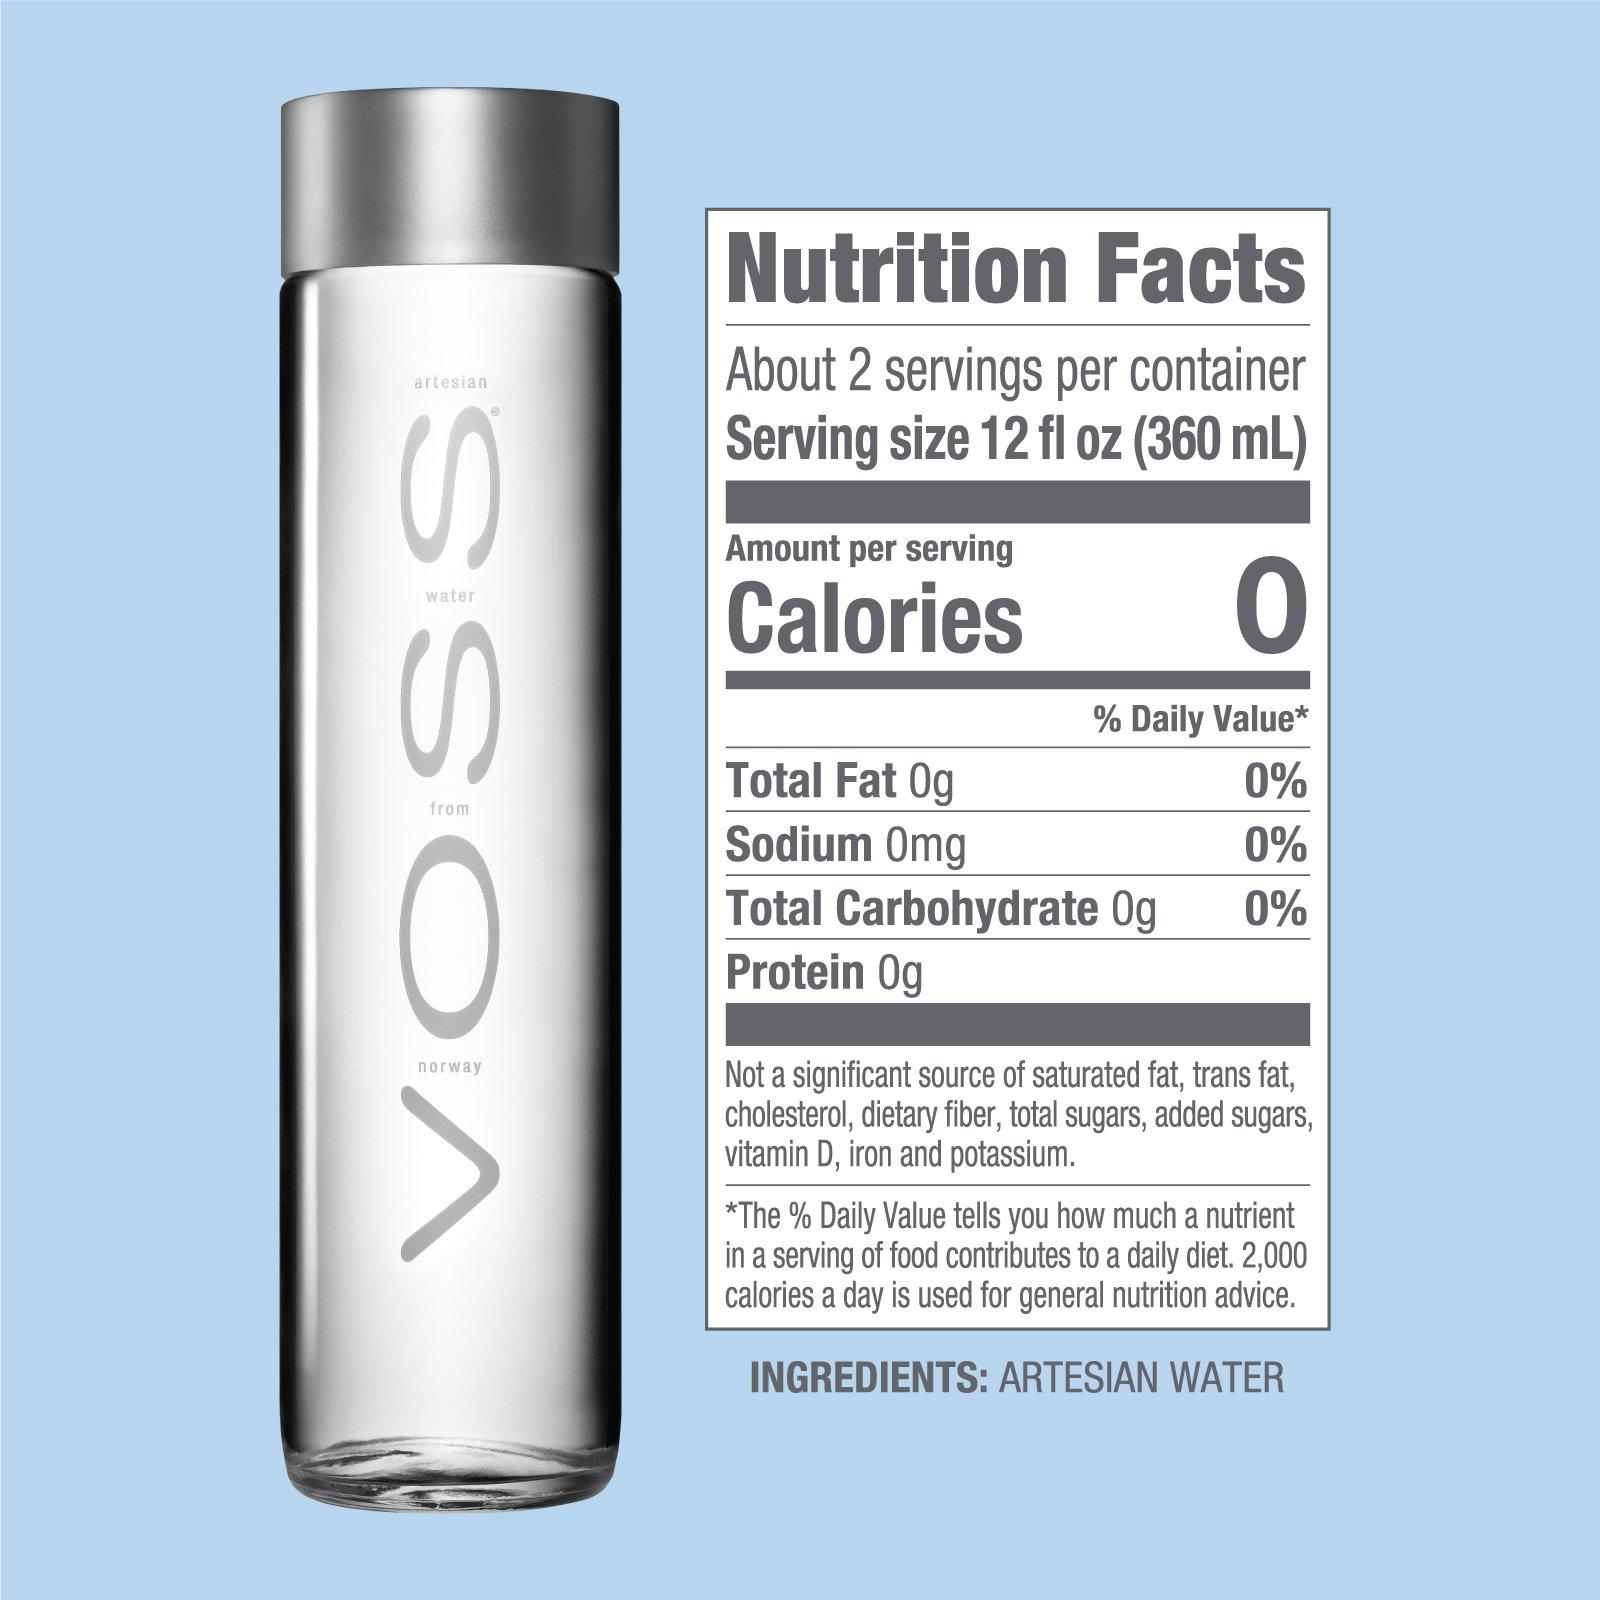 https://vosswater.com/wp-content/uploads/2021/05/VOSS_Still_800ml_Nutrition_1600x1600.jpg